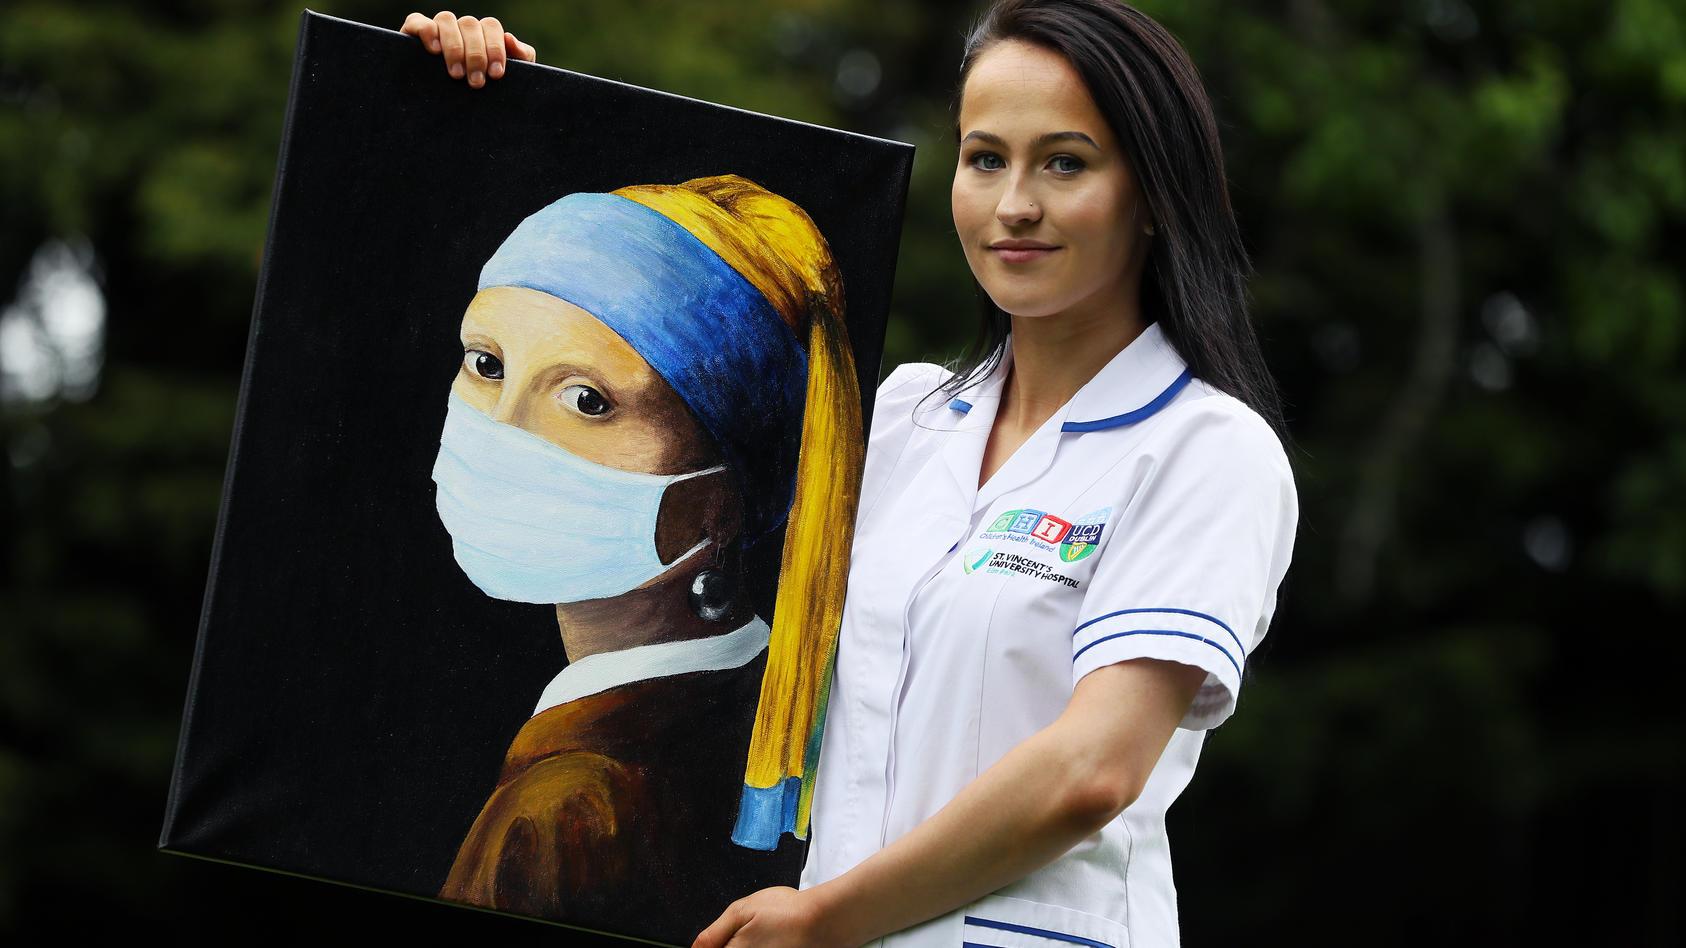 Das Mädchen mit dem Perlenohrring trägt jetzt Mundschutz - zumindest auf der Hommage von Chloe Slevin